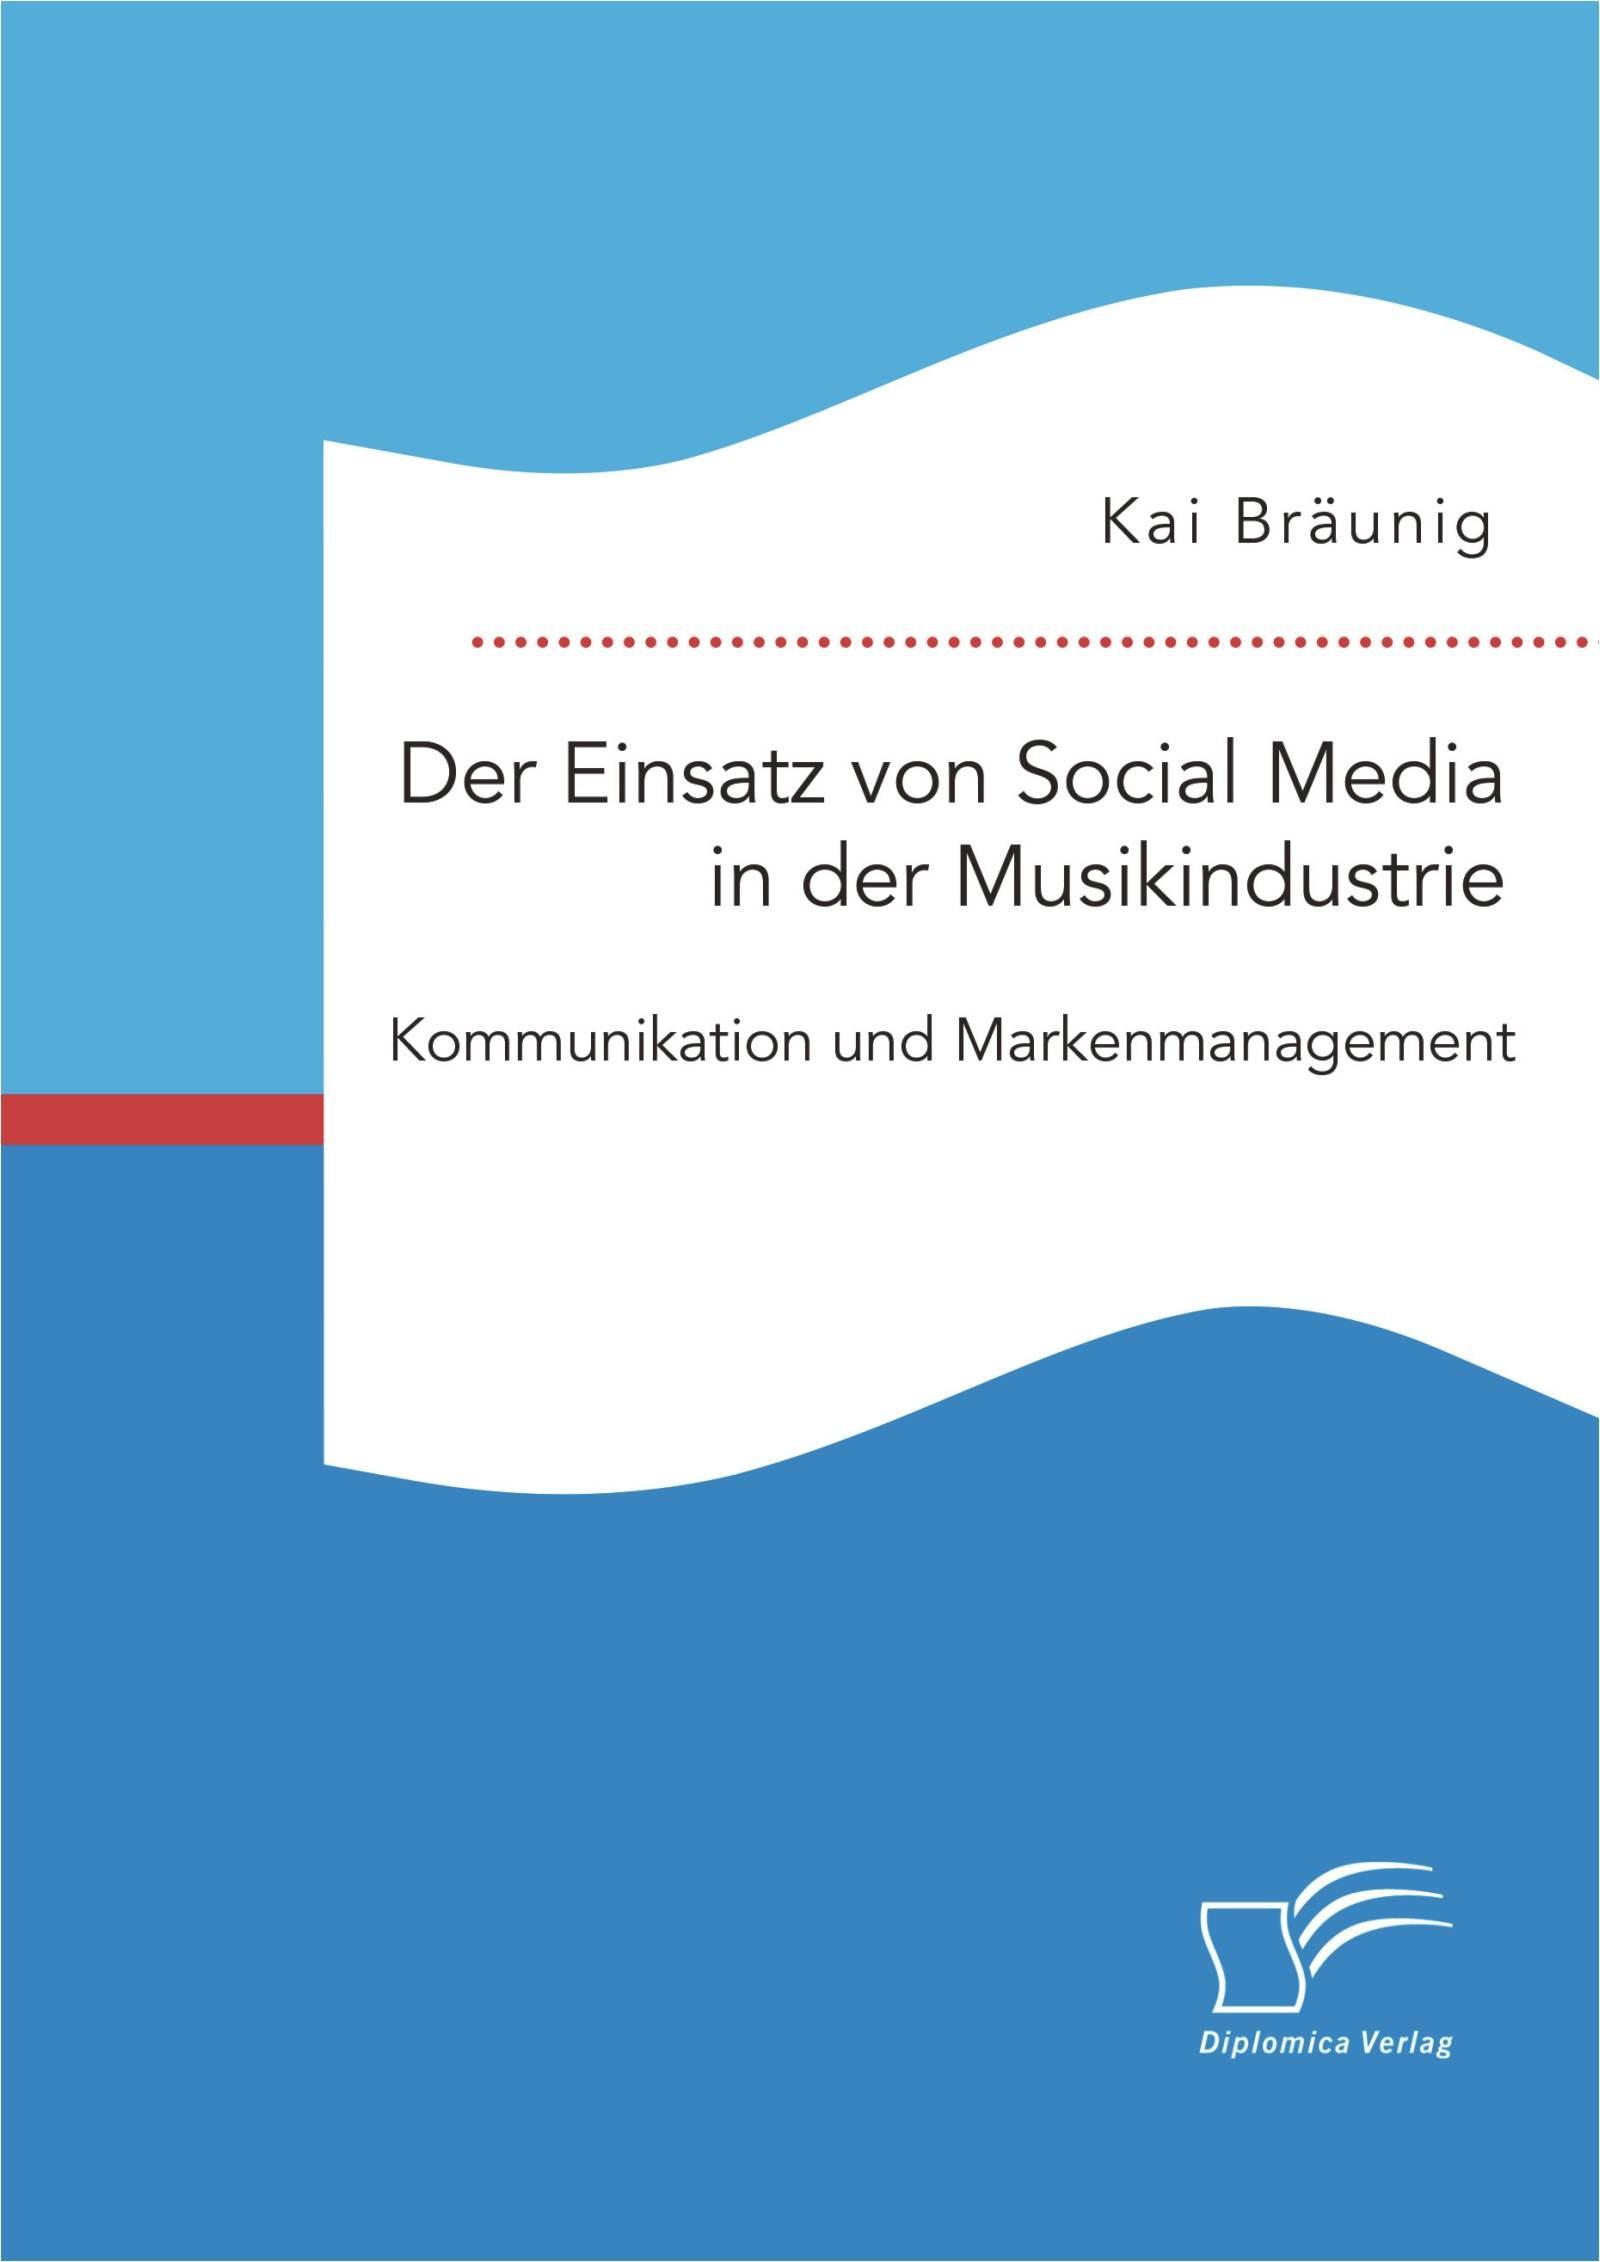 Der Einsatz von Social Media in der Musikindustrie: Kommunikation und Markenmanagement   Bräunig   Erstauflage, 2015   Buch (Cover)